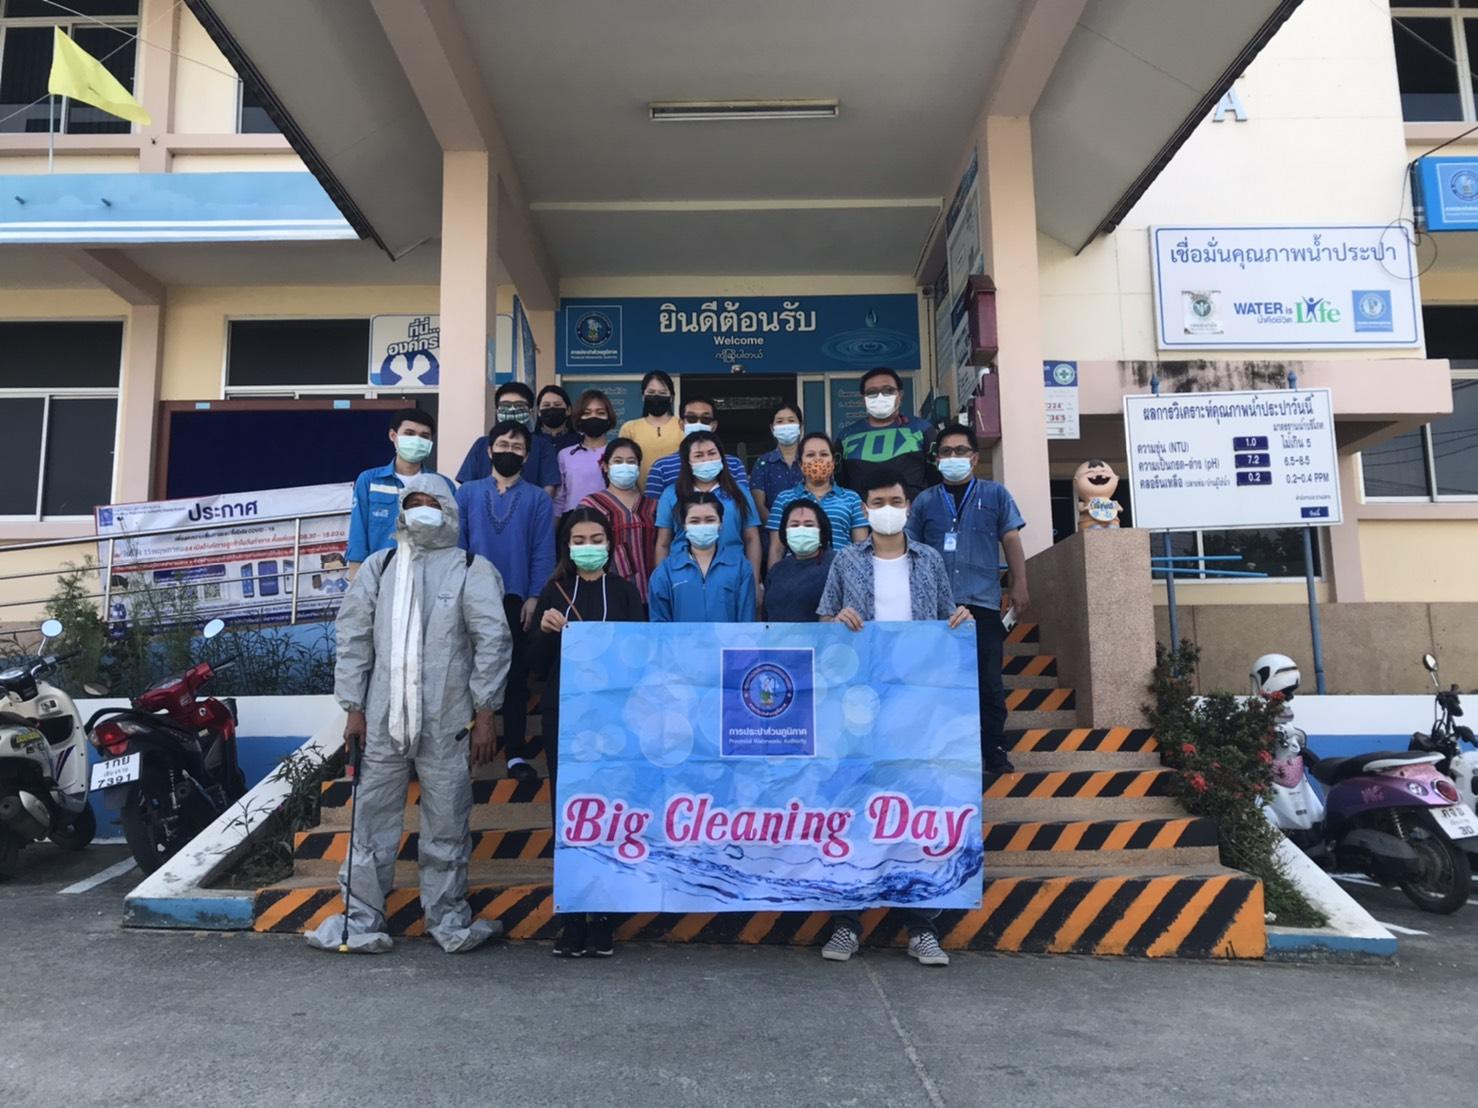 กปภ.สาขาแม่สายจัดกิจกรรม Big Cleaning Day วันศุกร์ ที่30 เมษายน 2564